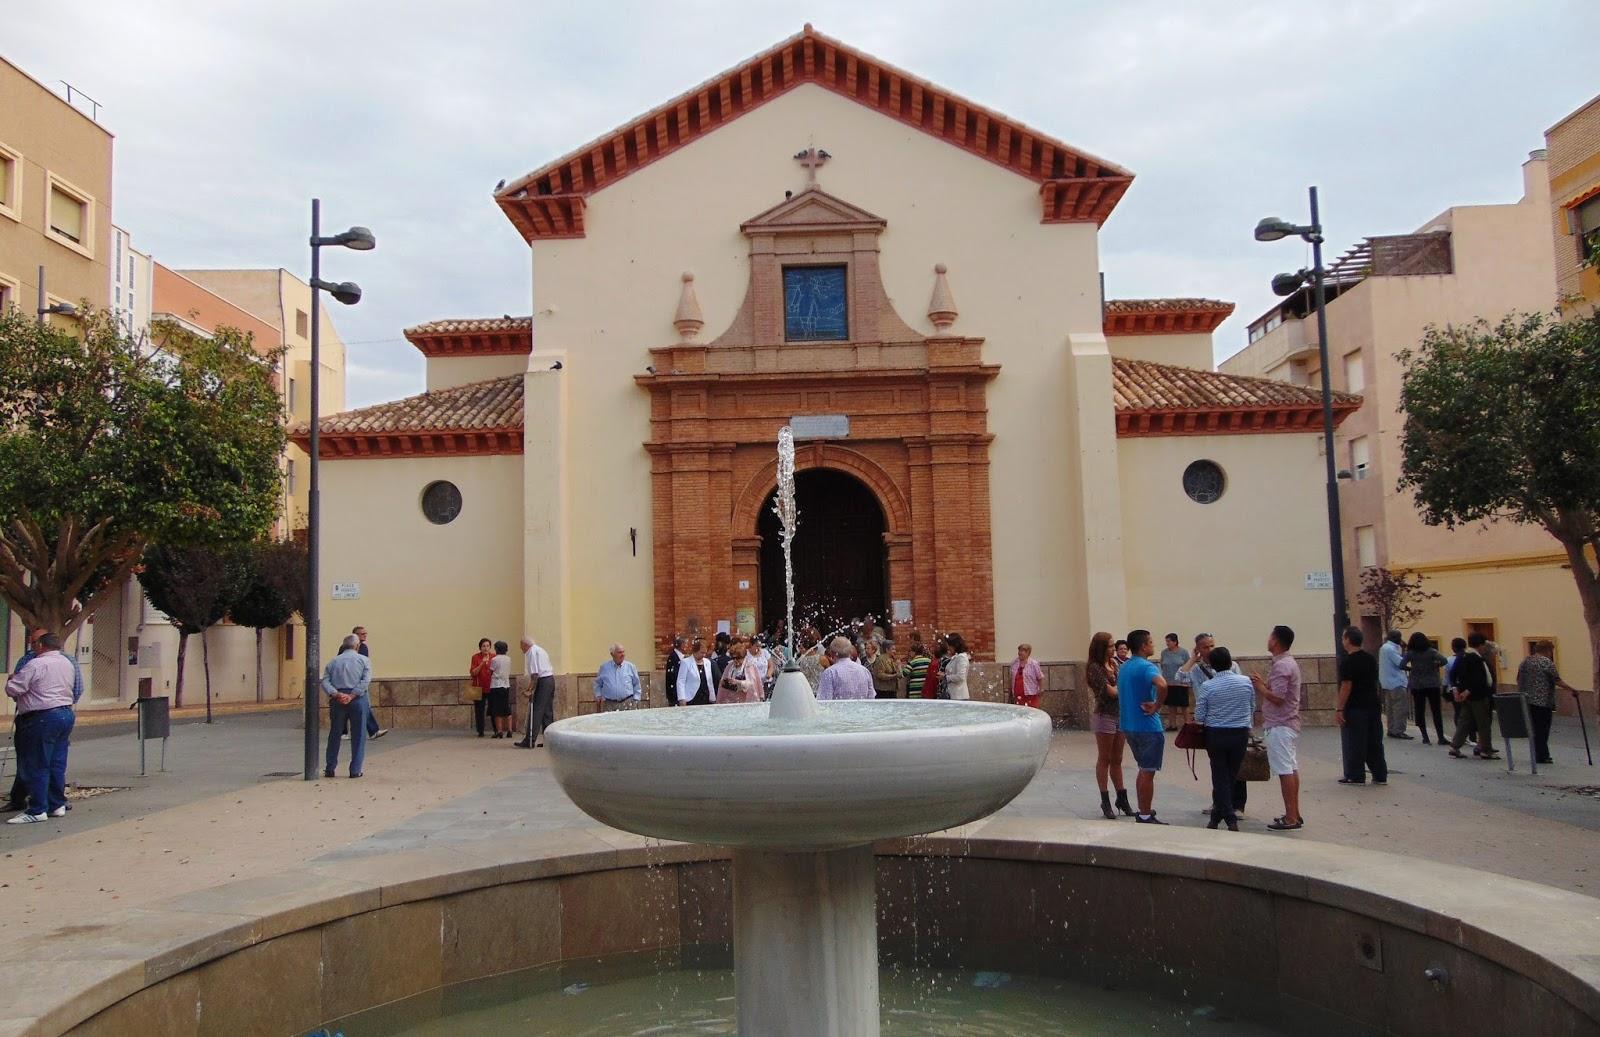 Maravillas de almer a el ejido la gran ciudad multicultural - El ejido almeria ...